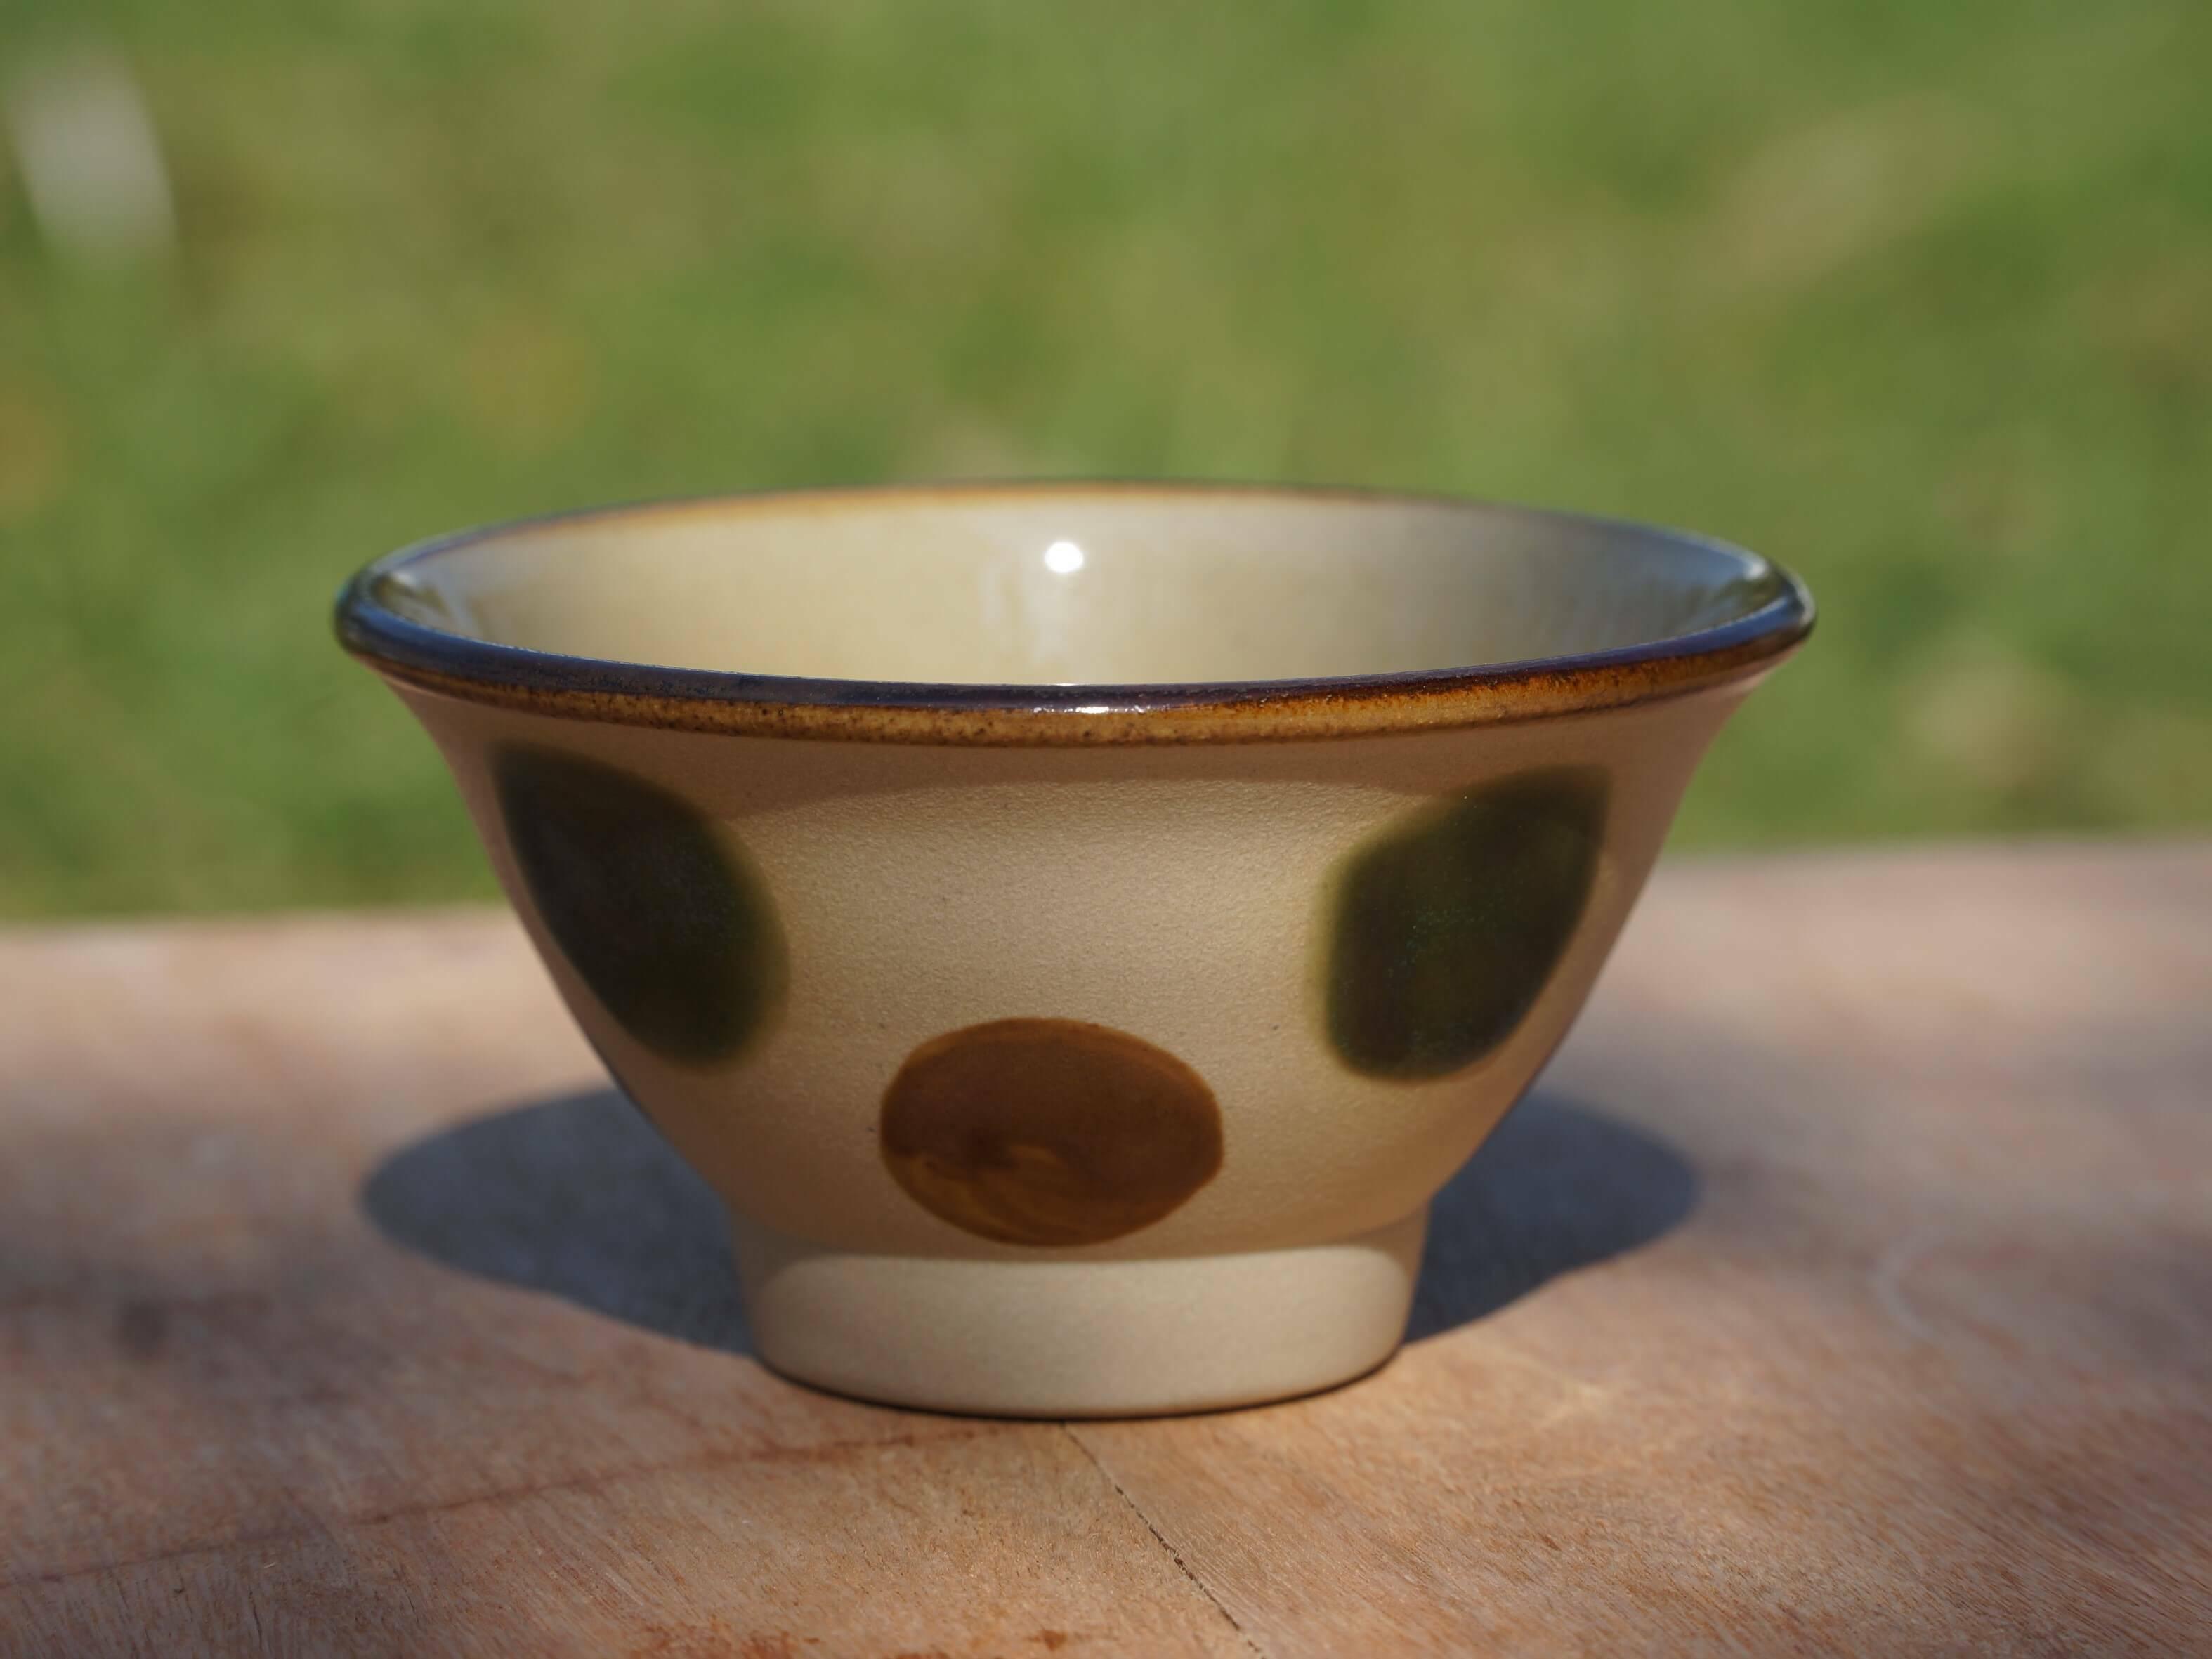 伝統の色合いマカイ3.5寸(約10.5cm)緑釉丸紋 ヤチムン大城工房 大城雅史 やちむん